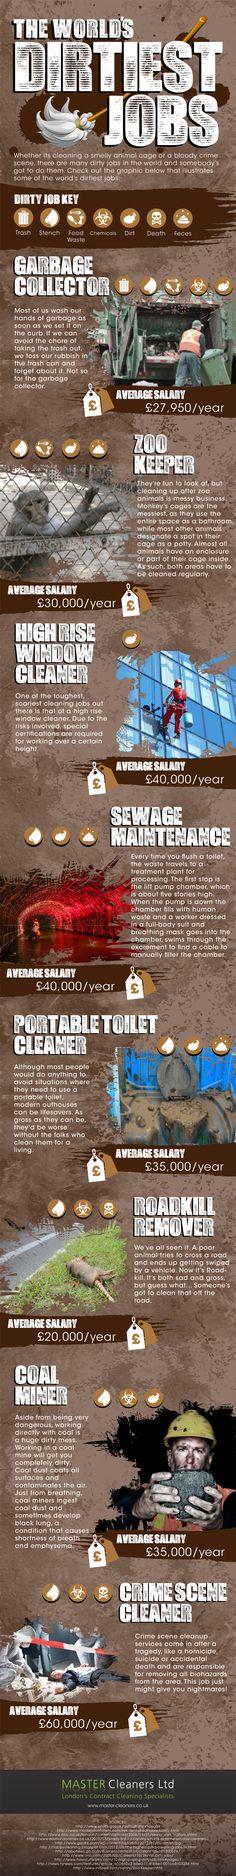 Worlds Dirtiest Jobs